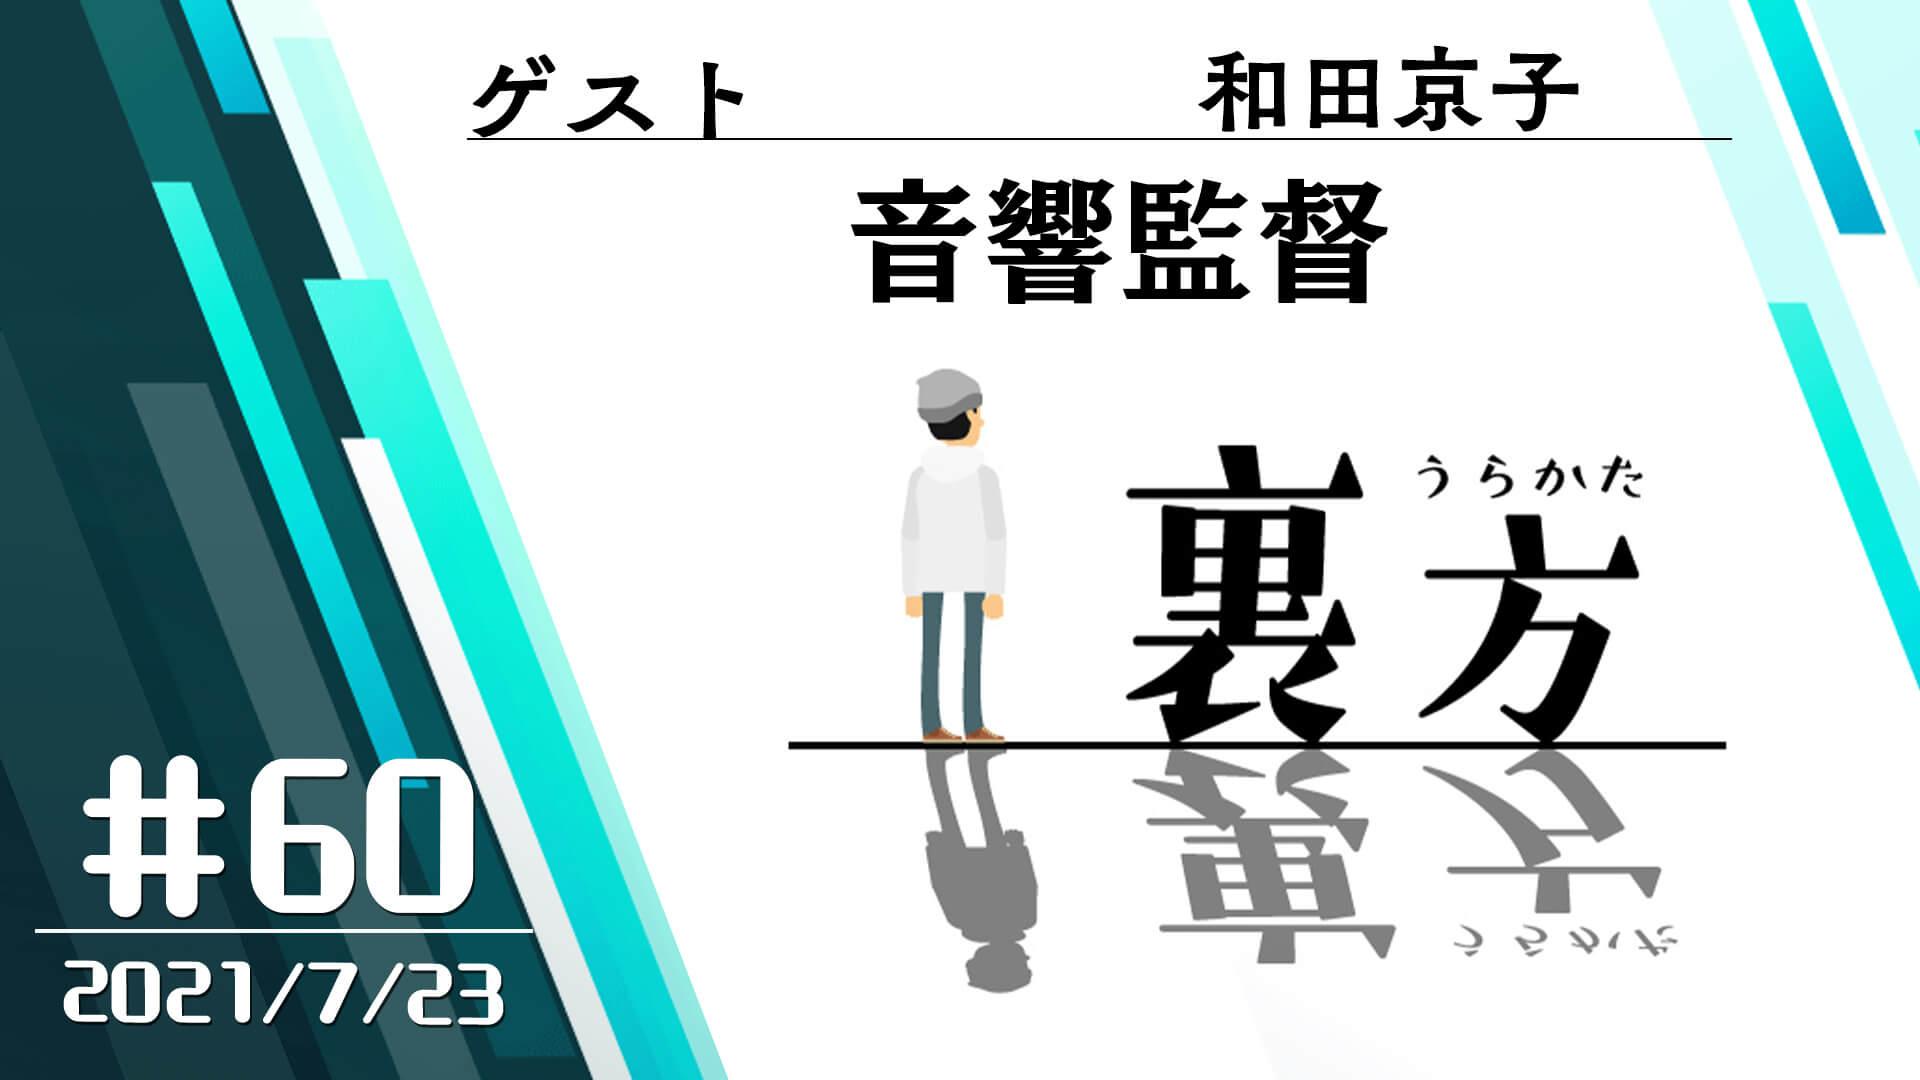 【ゲスト:音響監督 和田京子さん】文化放送超!A&G+ 「裏方」#60 (2021年7月23日放送分)